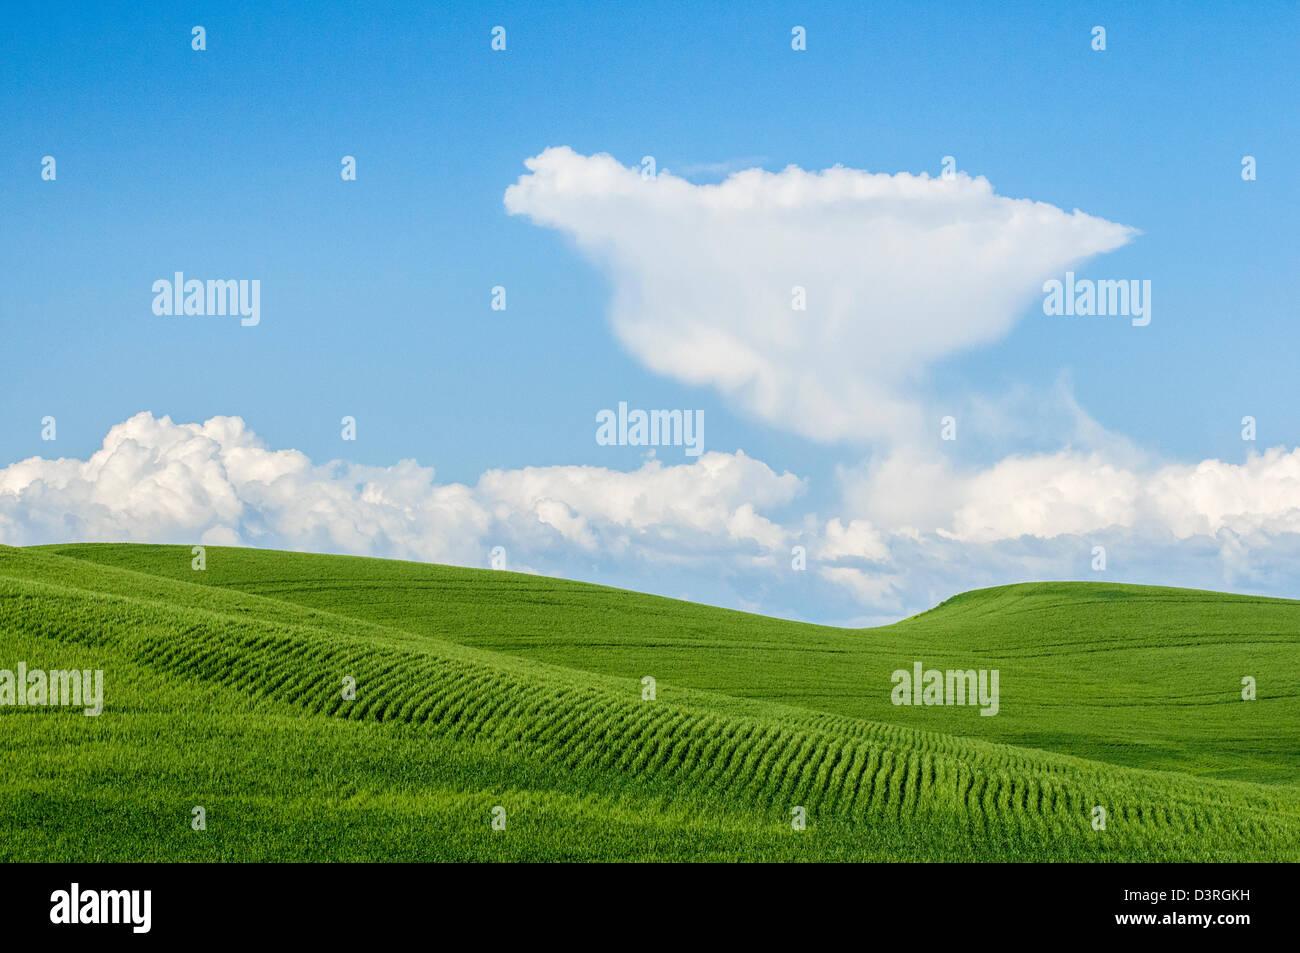 Grünen Wiese von Weizen und Lu? Wolken am blauen Himmel; Palouse, Washington. Stockbild